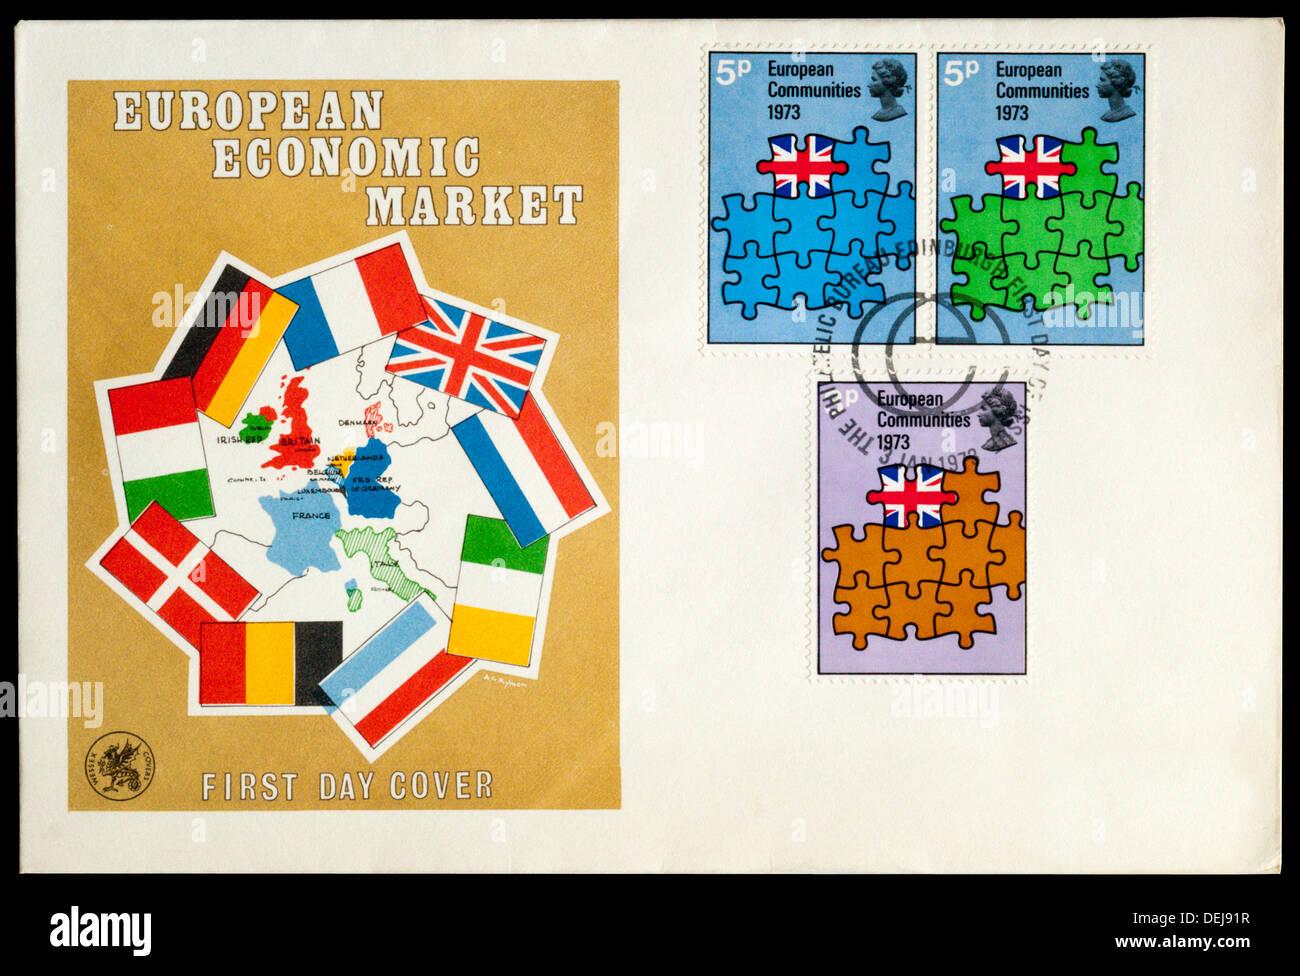 Ersten Tag decken feiert die Europäische Wirtschaftsmarkt. Stockbild